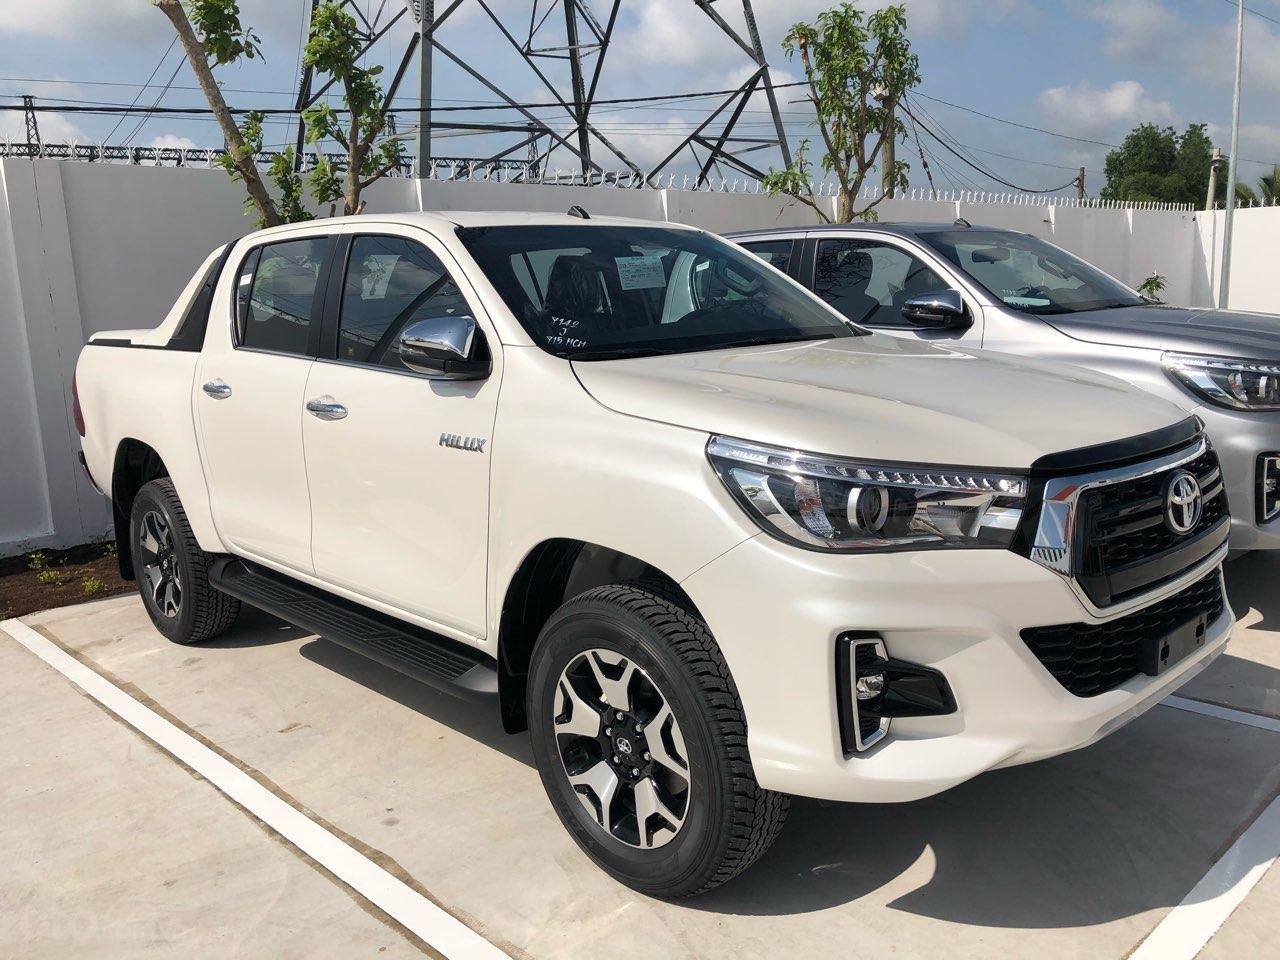 Toyota Hilux 2.8Q (4X4) 2 cầu, màu trắng, xe nhập, giao ngay, xe mới 100%-1